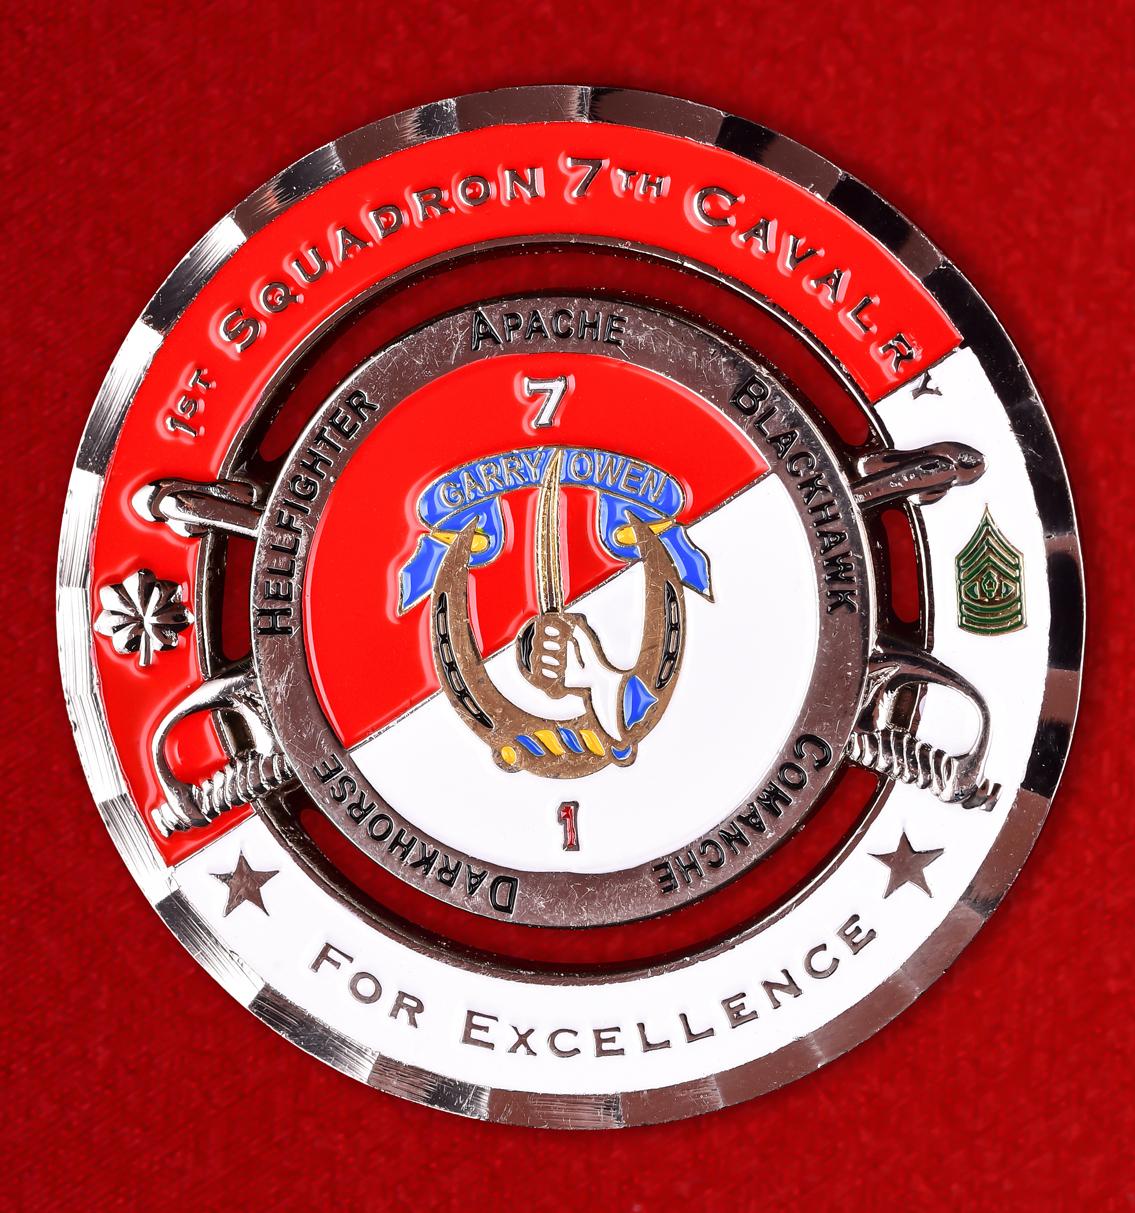 """Награда армии США """"За отличную службу в Ираке"""" 1-го эскадрона 7-го кавалерийского полка"""